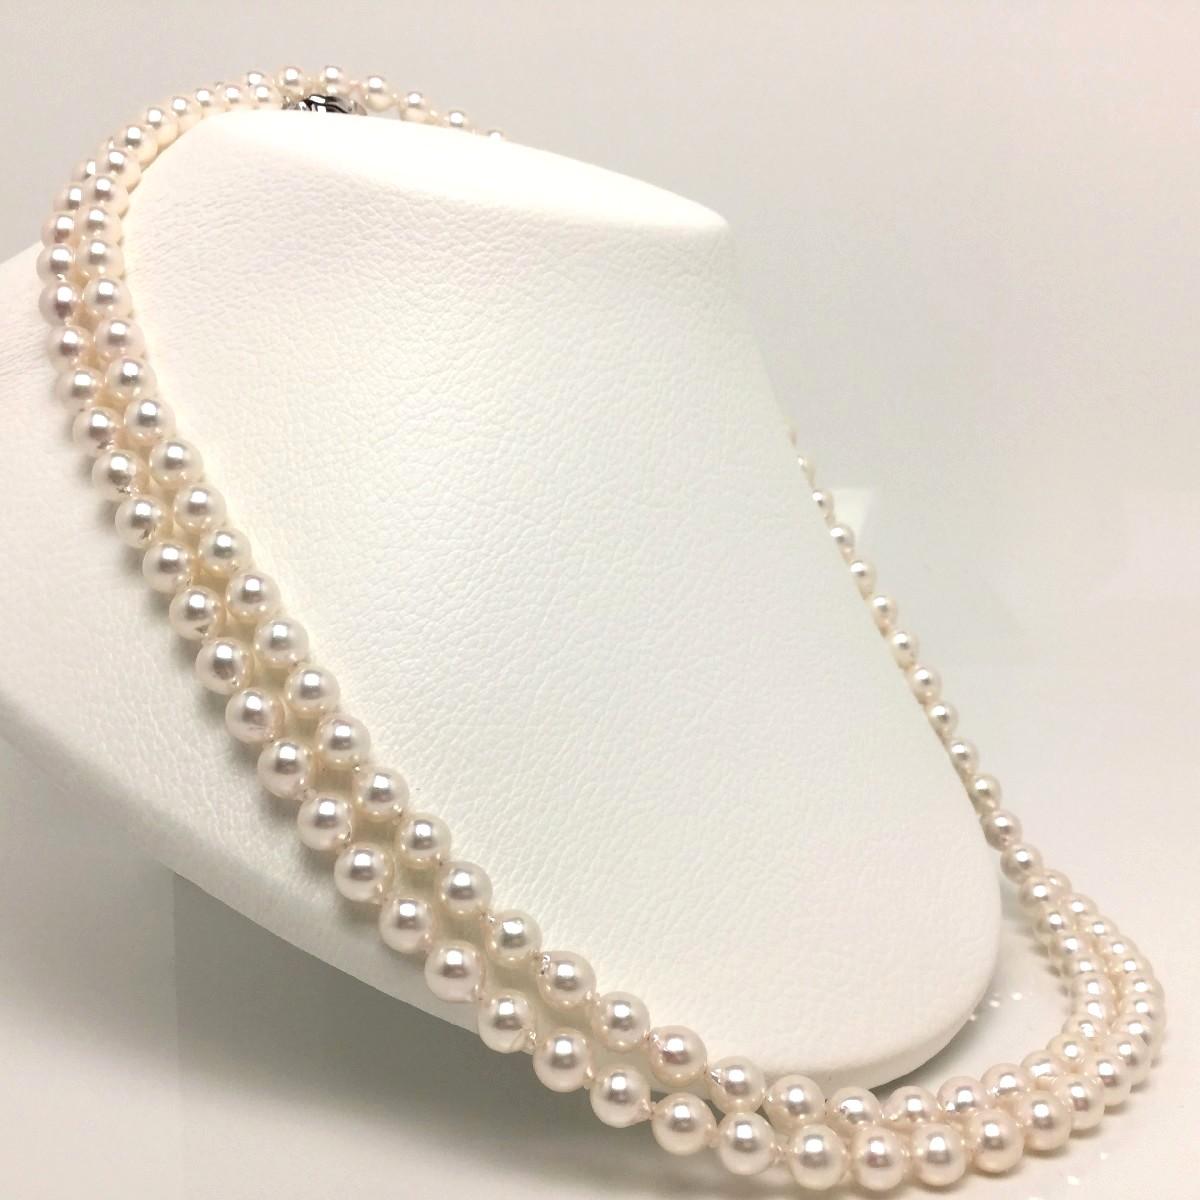 【10%OFF】真珠 ネックレス パール アコヤ真珠 ロング 7.0-7.5mm ホワイトピンク シルバー クラスップ 66064 イソワパール